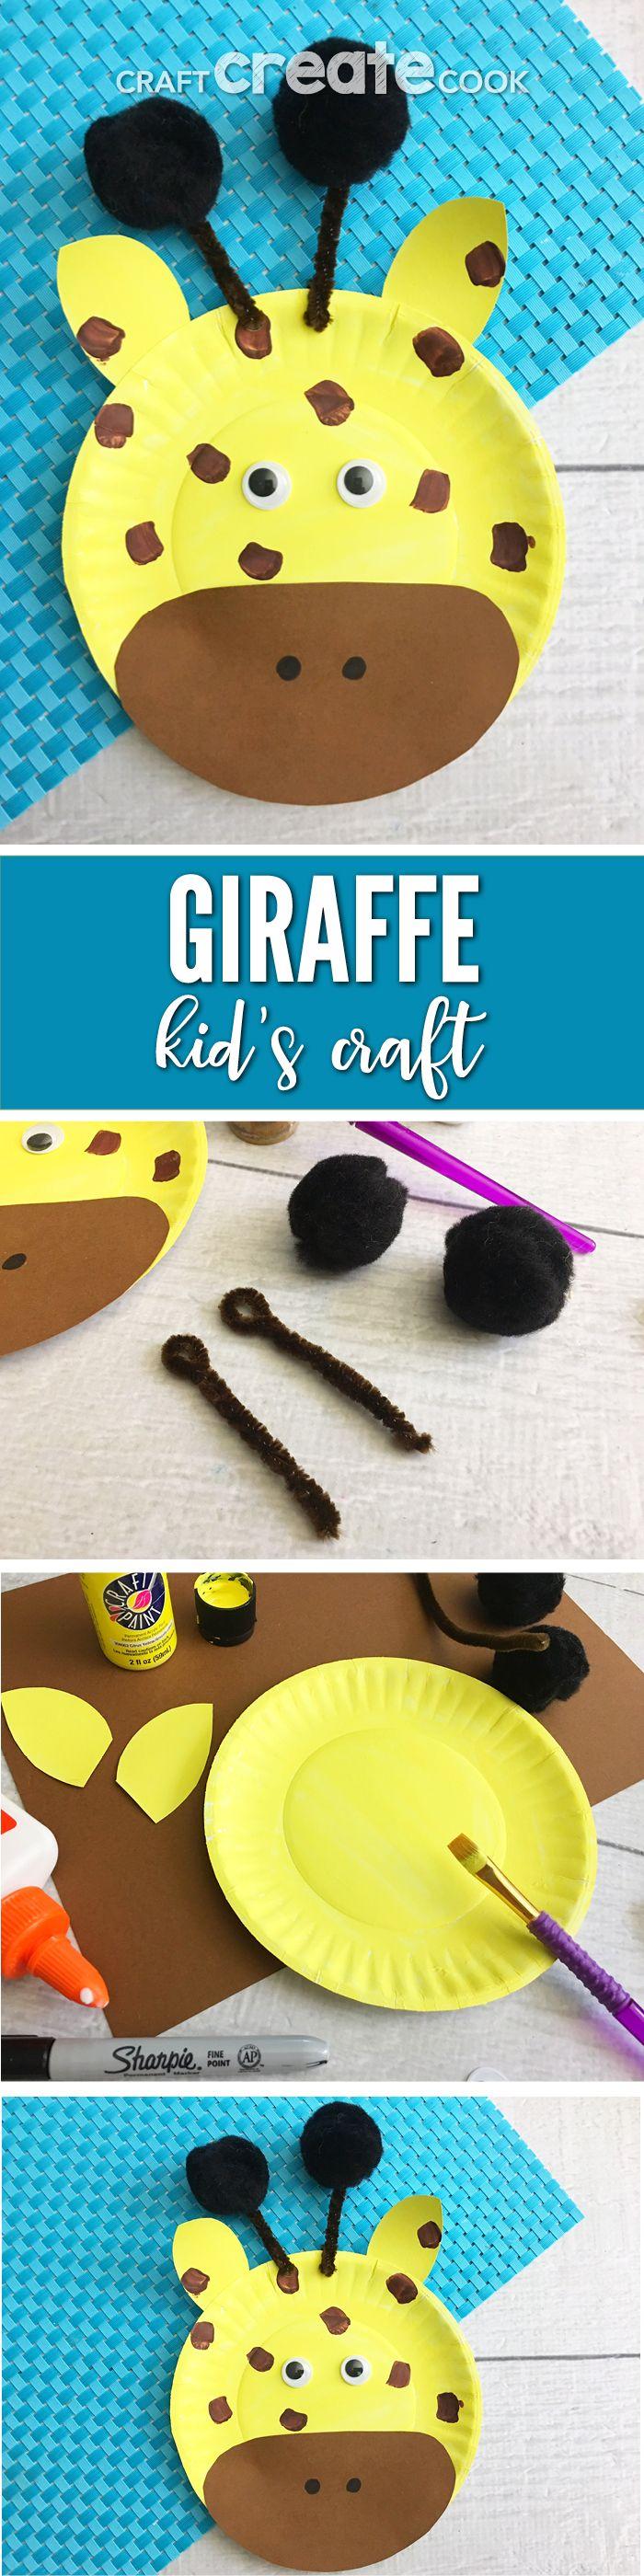 April the Giraffe Inspired Paper Plate Craft for Kids! #AprilTheGiraffe #KidsCrafts via @CraftCreatCook1